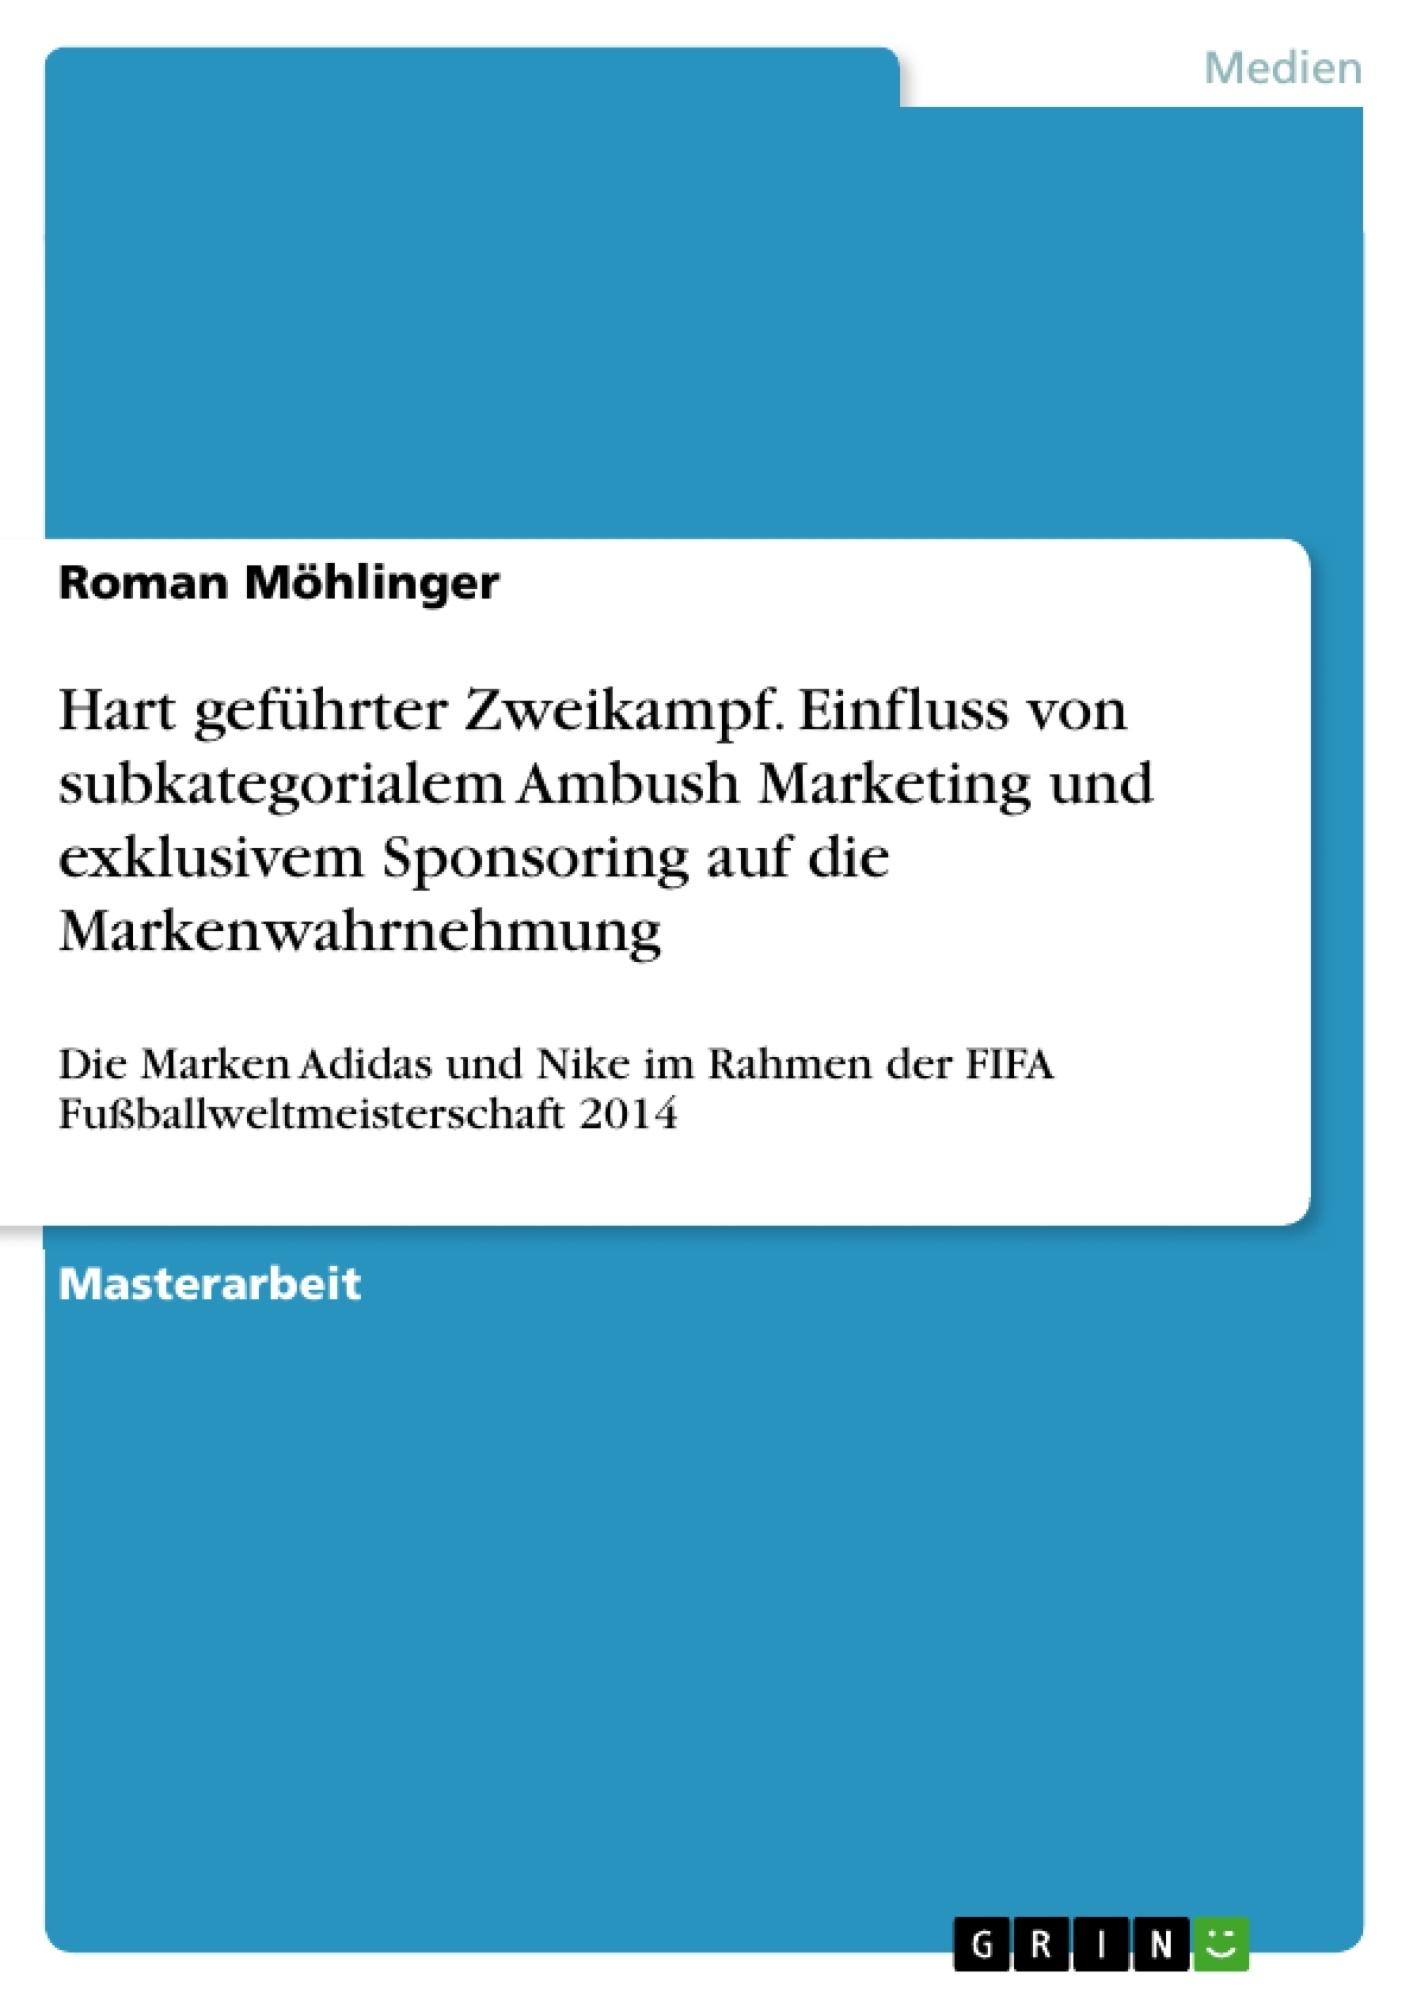 Titel: Hart geführter Zweikampf. Einfluss von subkategorialem Ambush Marketing und exklusivem Sponsoring auf die Markenwahrnehmung